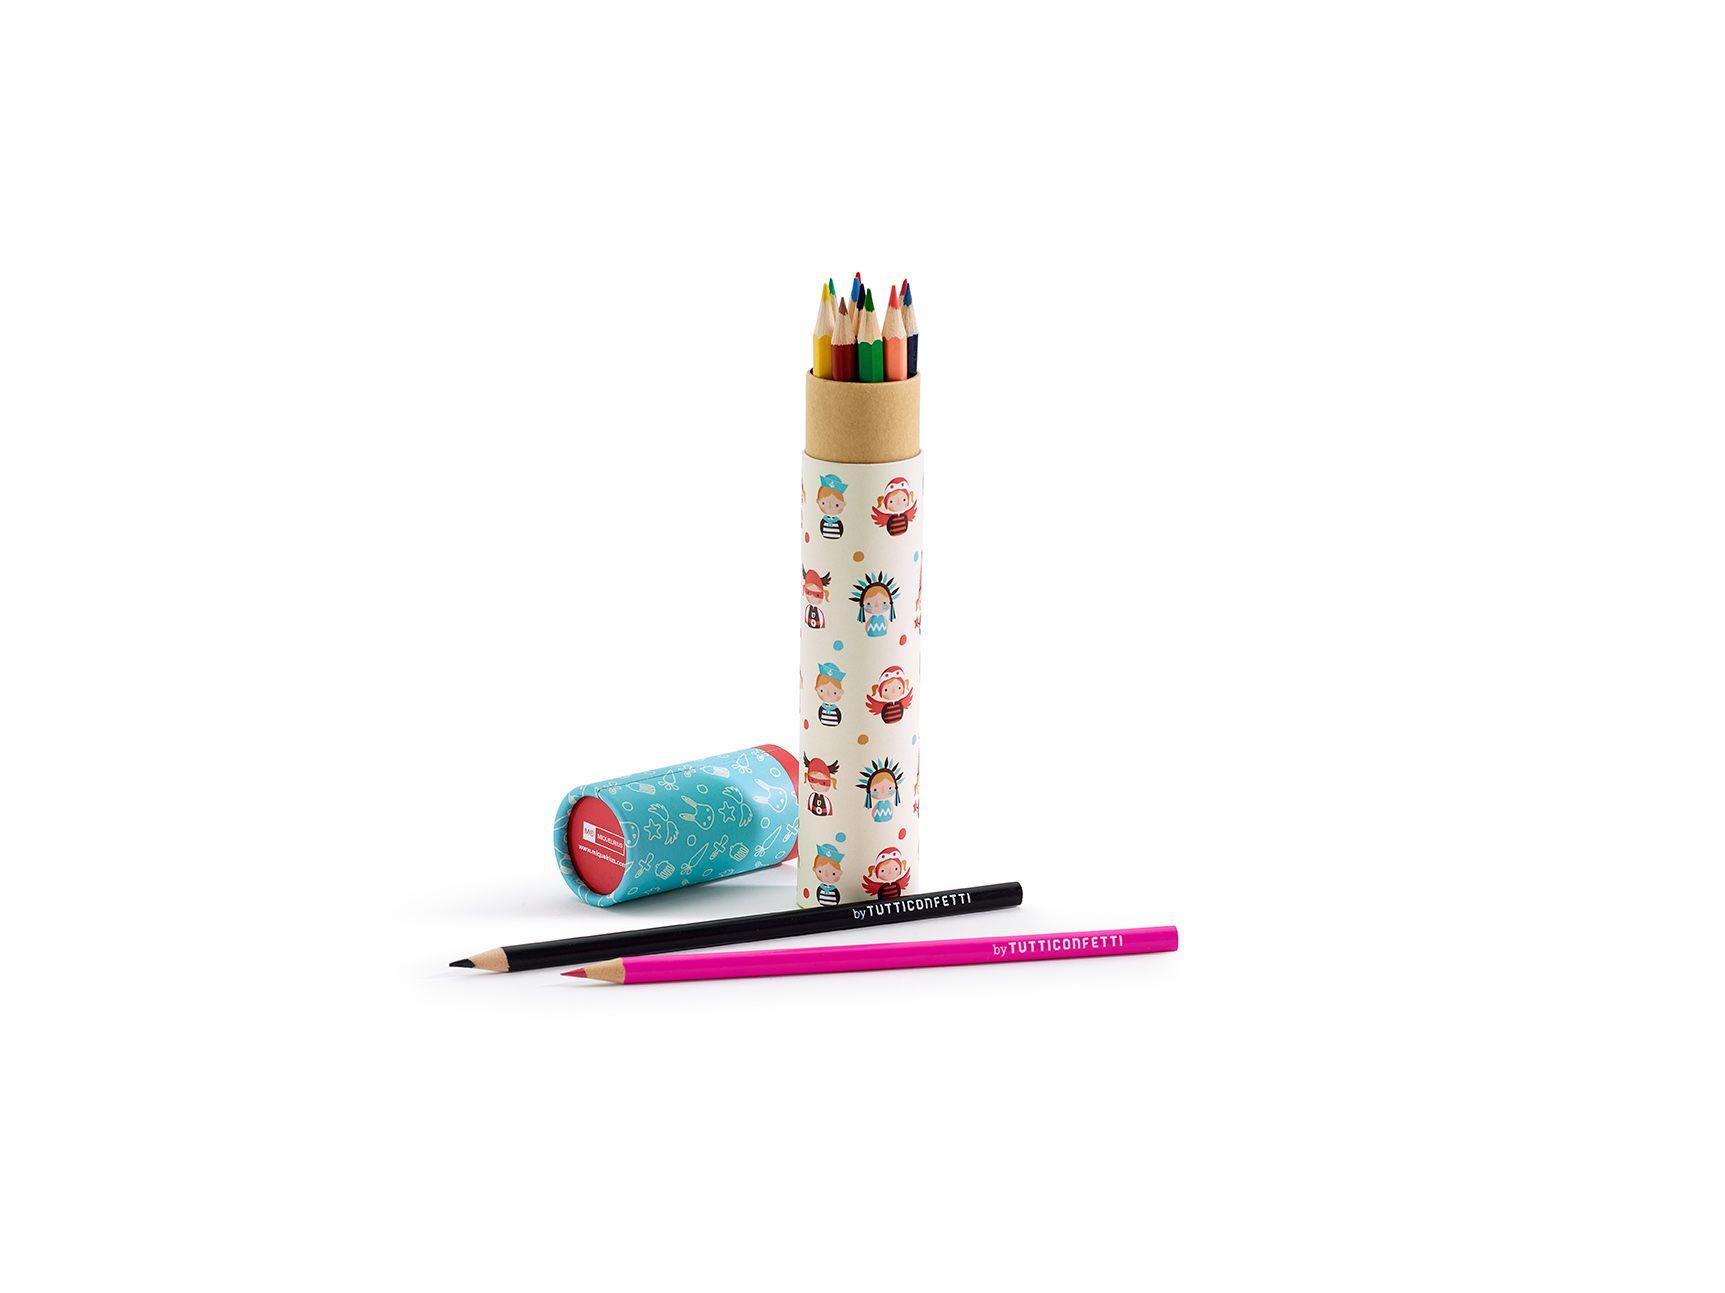 Tubo Lápices Colores Ernest & Valentine diseñado por TuttiConfetti para MIQUELRIUS - Ernest & Valentine Tube Colouring Pencils designed by TuttiConfetti for MIQUELRIUS